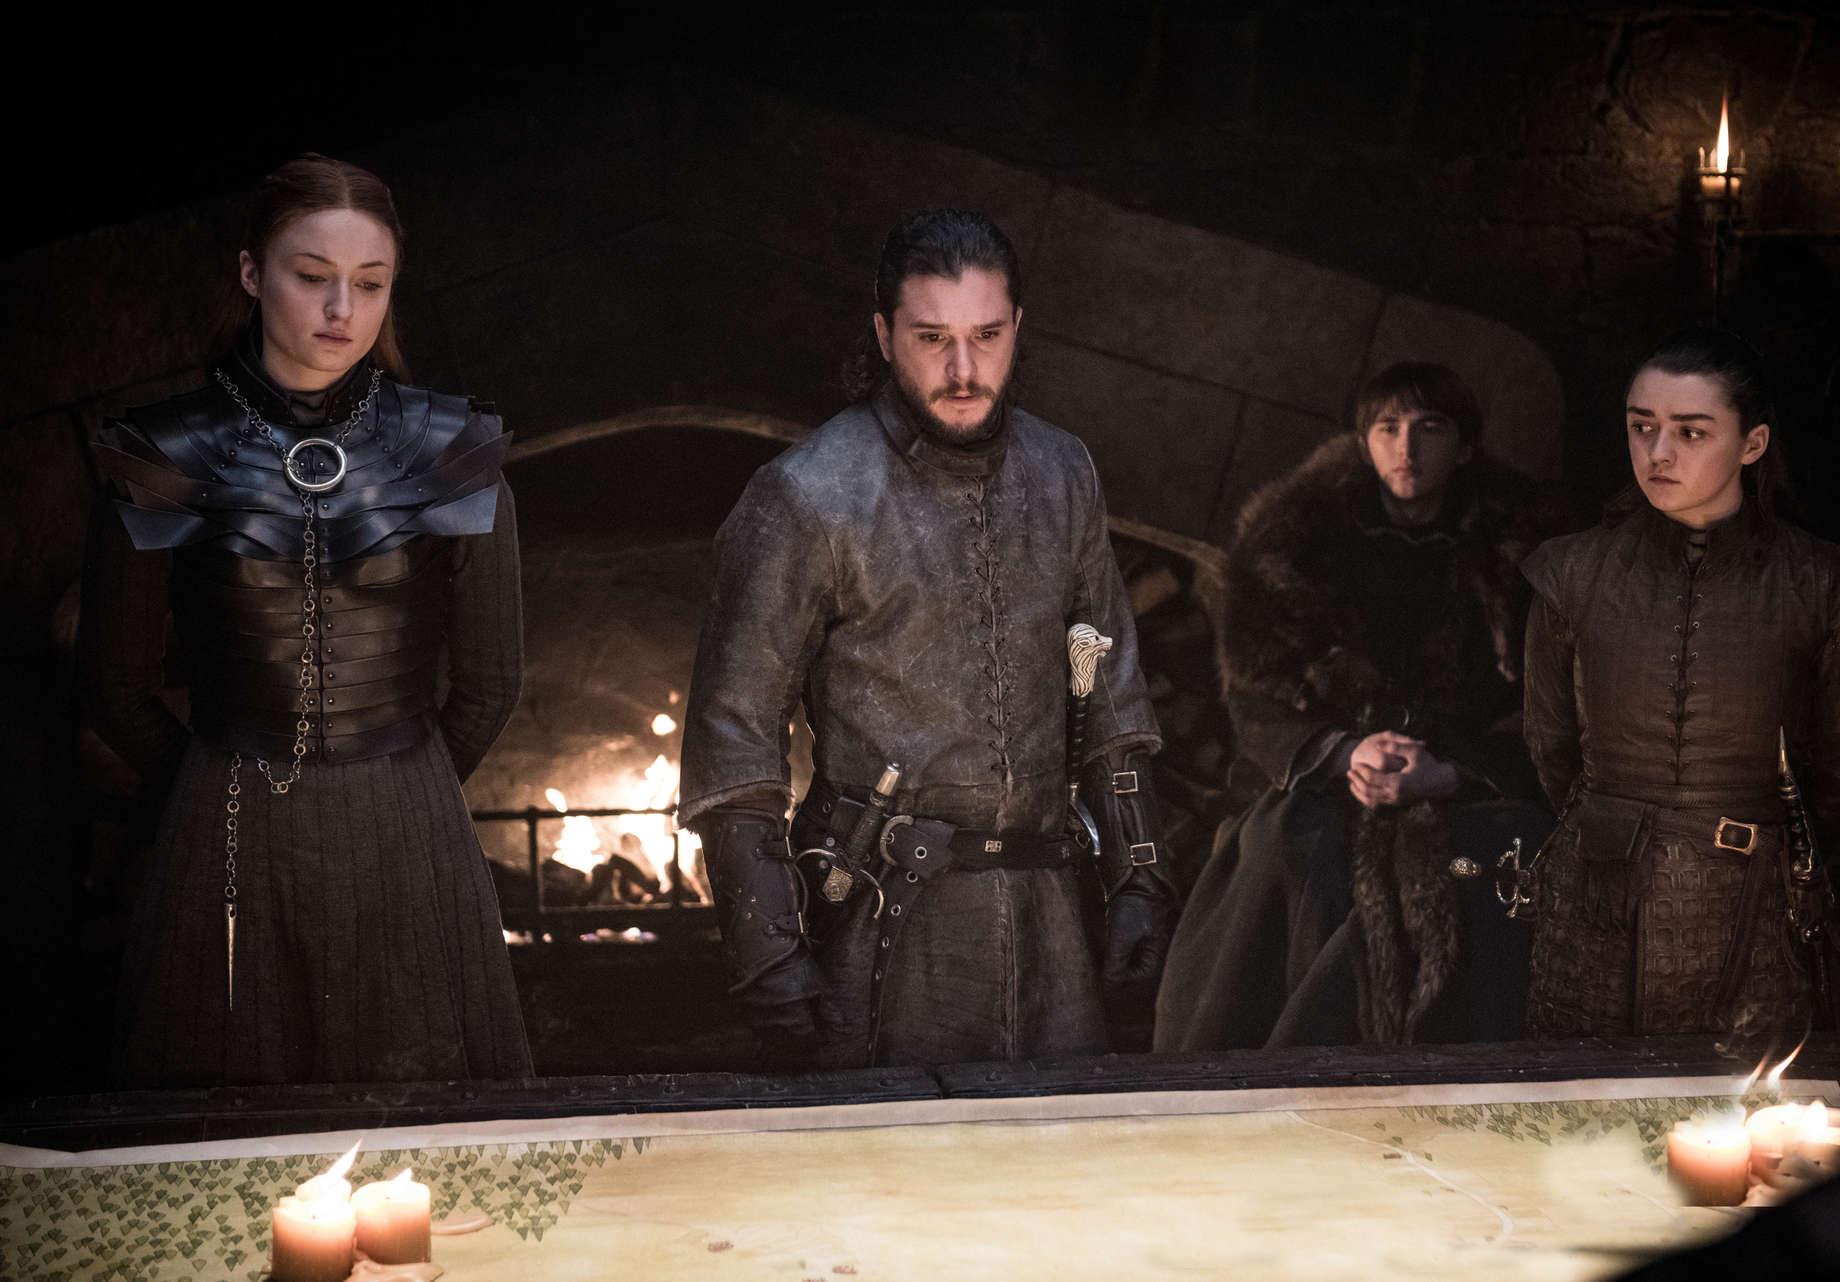 Game of Thrones Season 8, Episode 2 Recap: 'A Knight of the